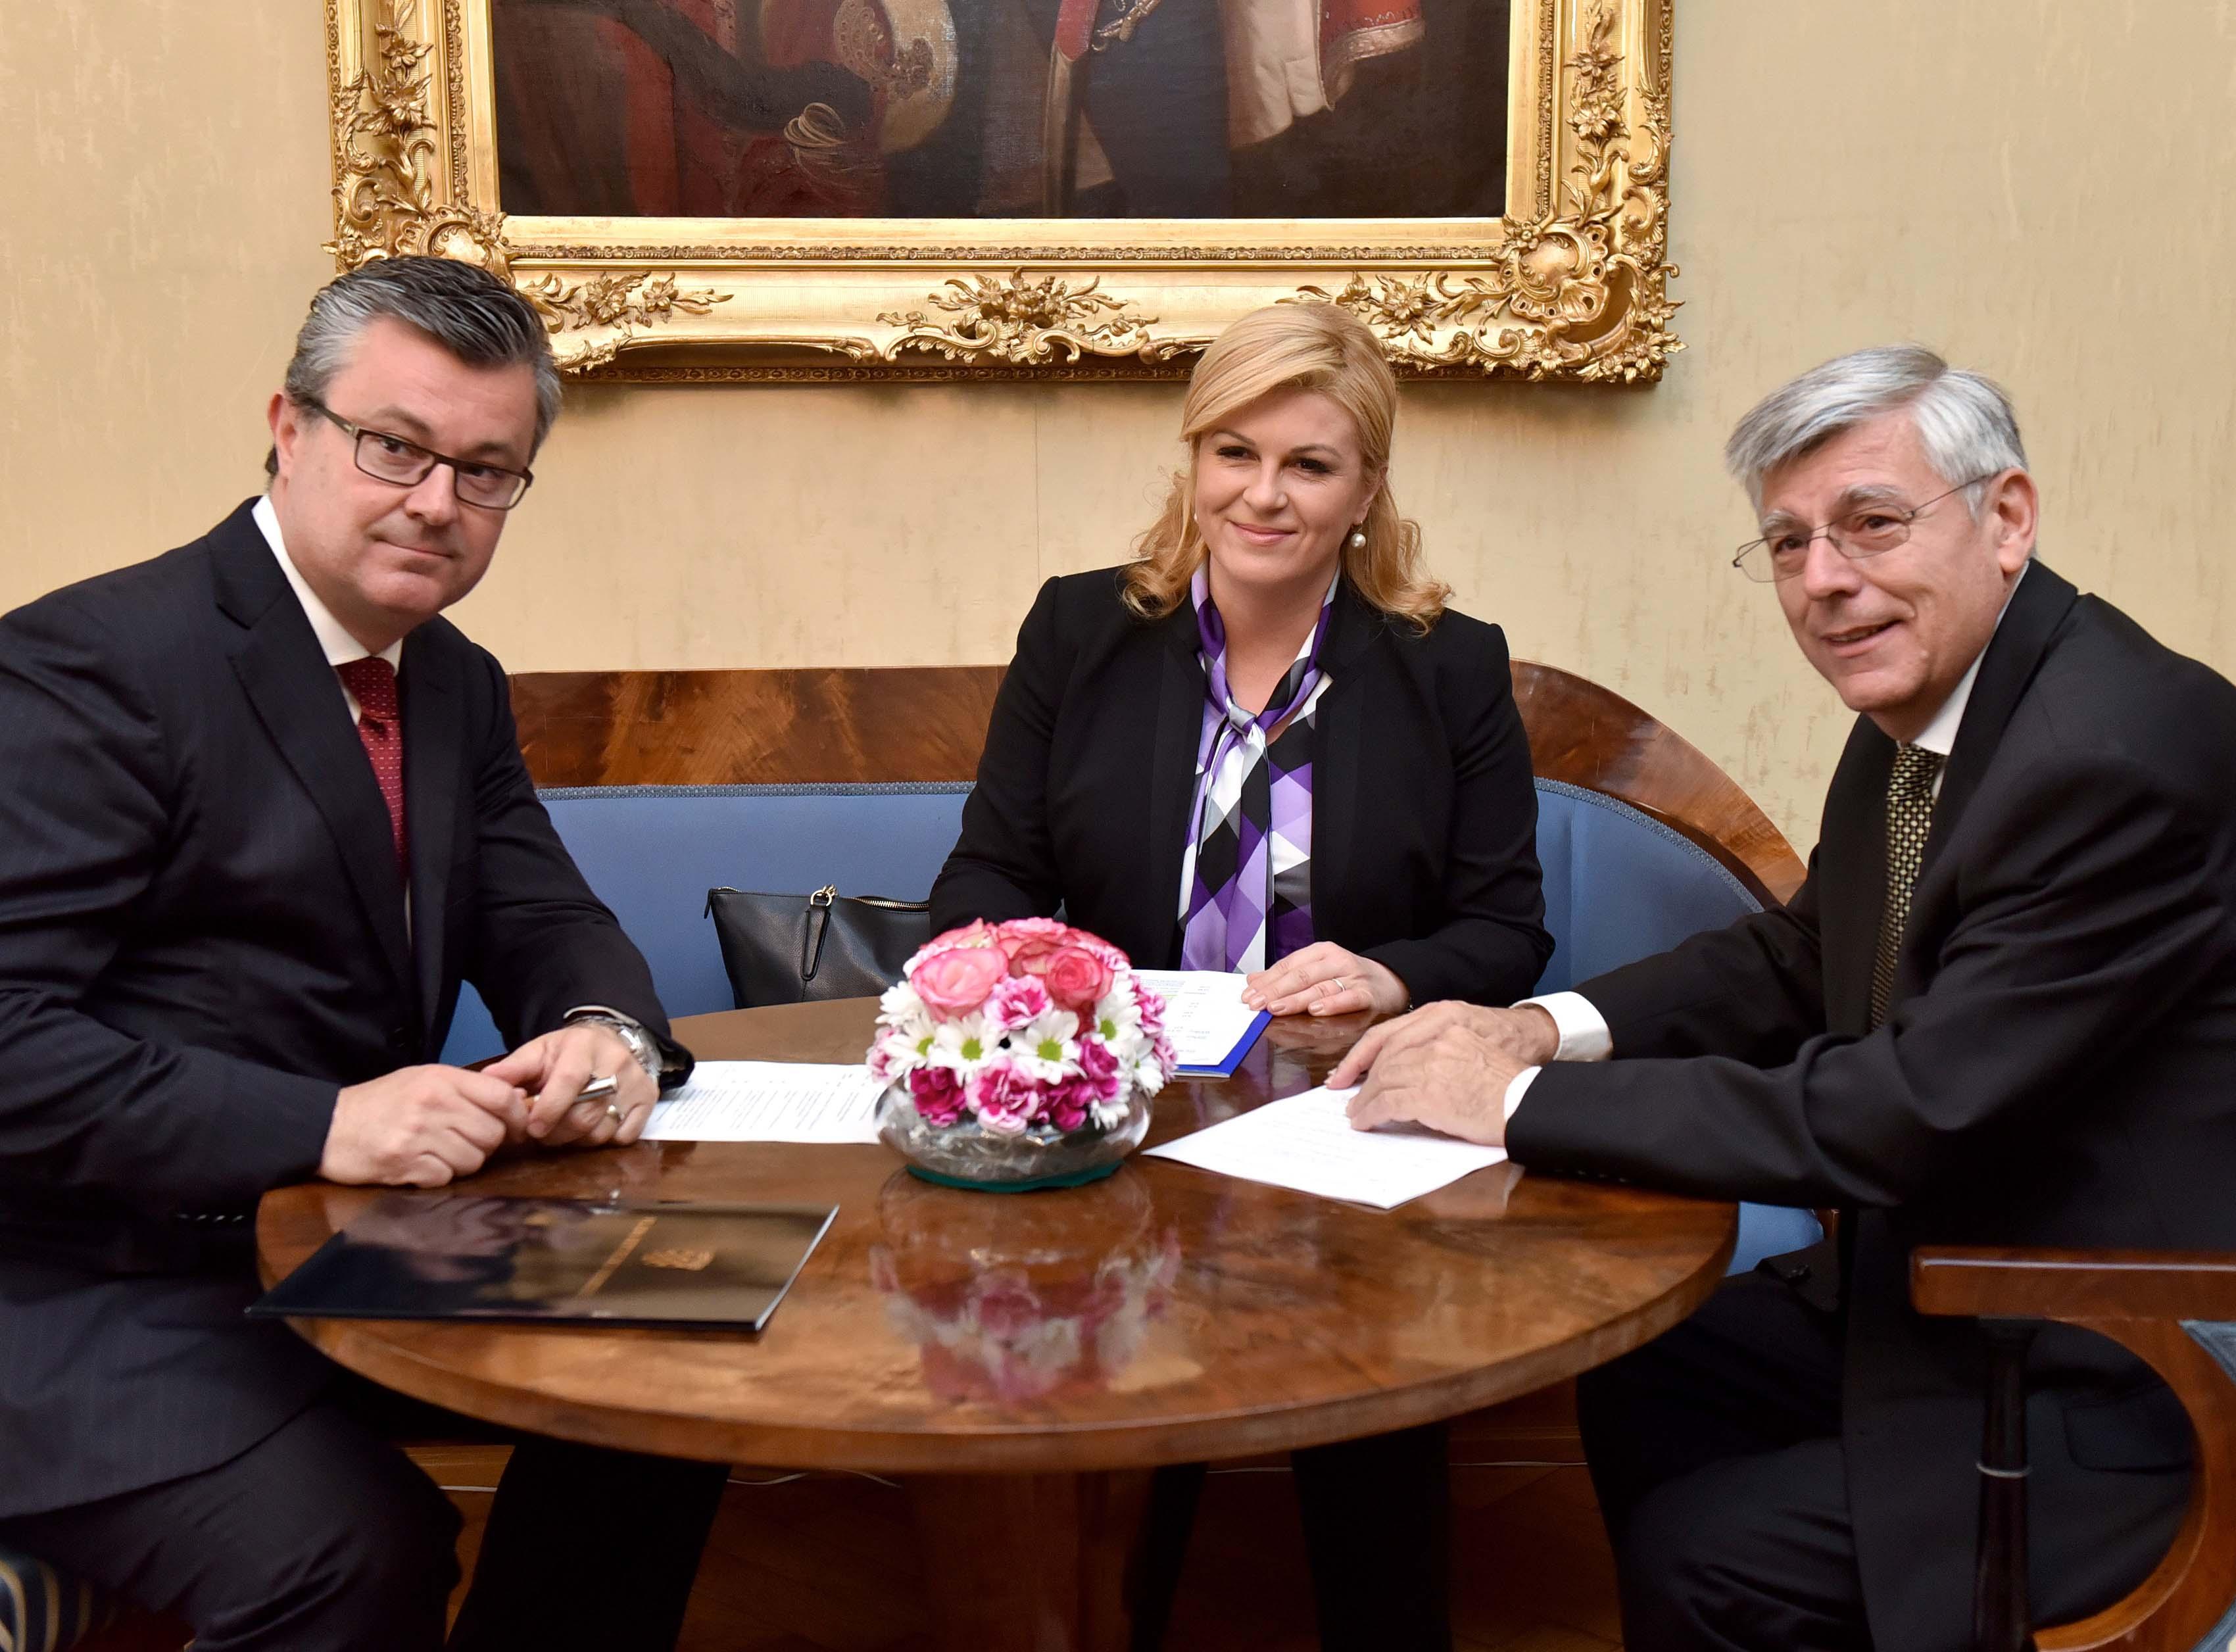 Održan sastanak državnoga vrha u povodu obilježavanja hrvatske državnosti